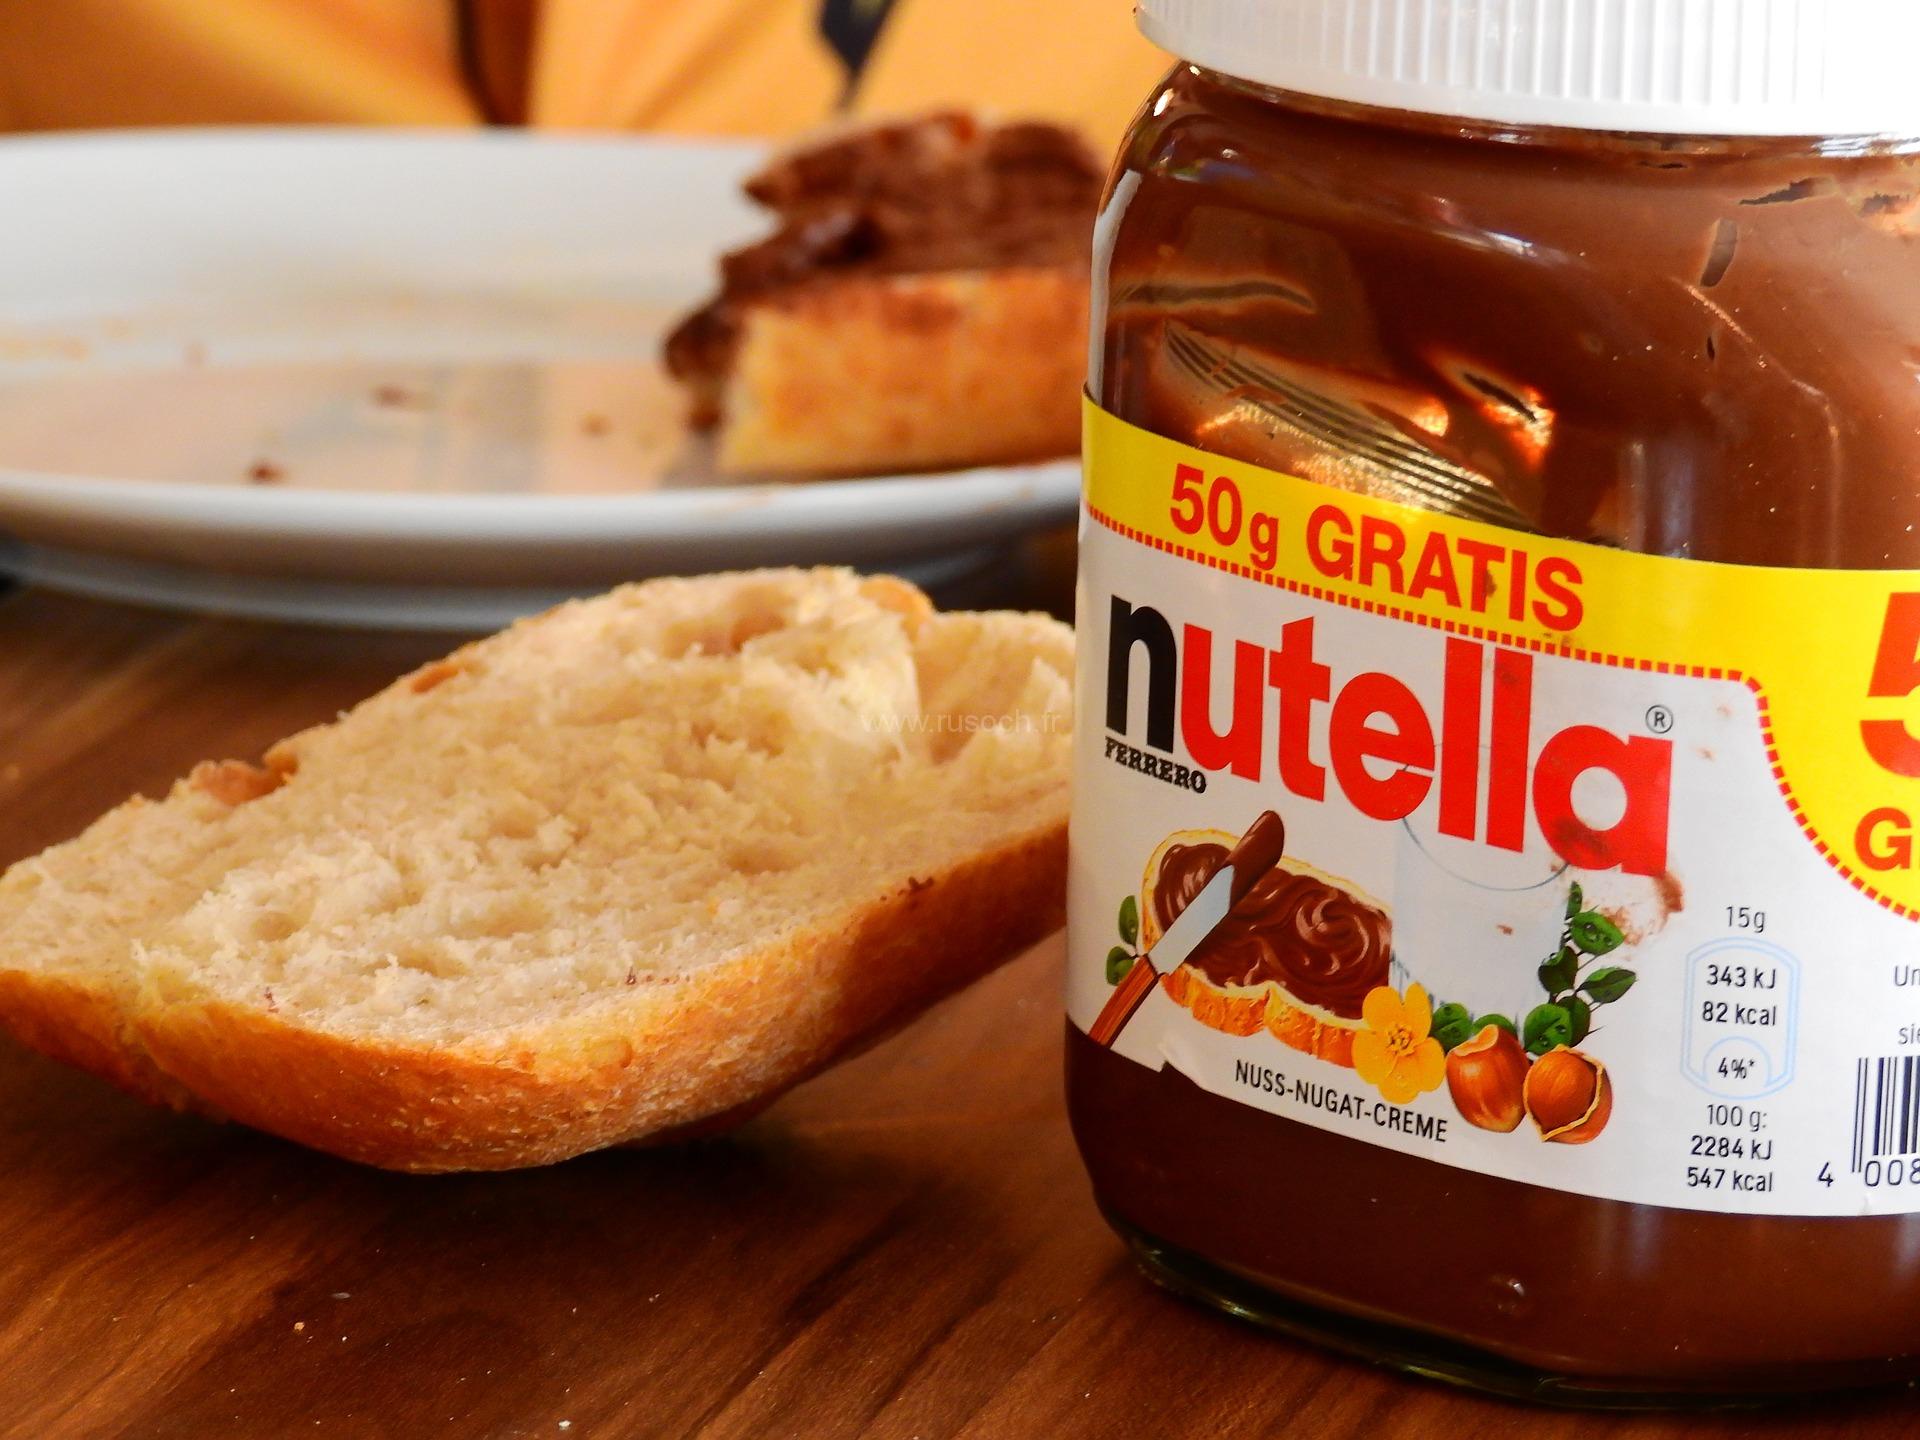 Двойные стандарты европейских продуктов: почему Nutella в Австрии вкуснее, чем в Словакии?